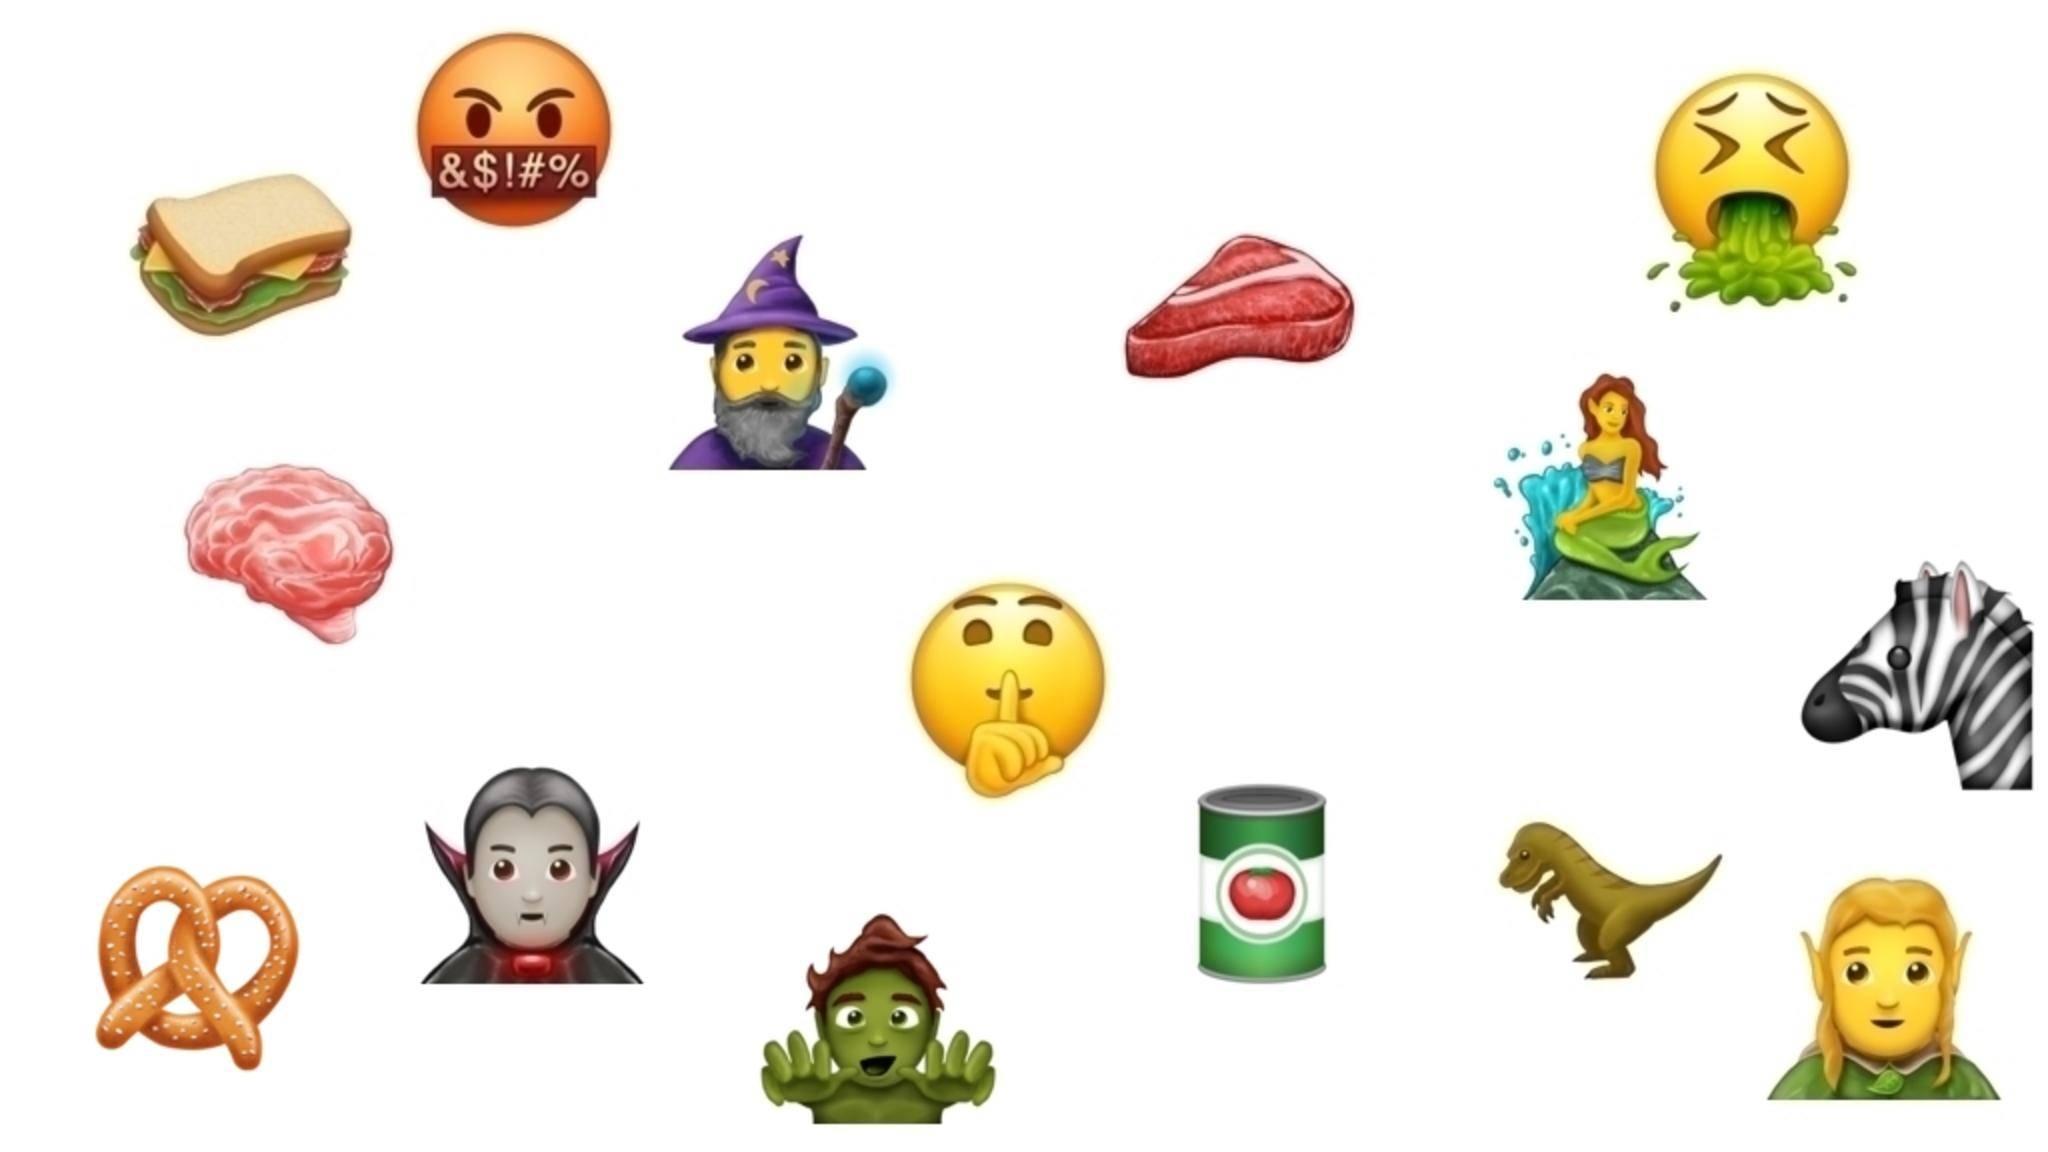 Eine kleine Auswahl der 69 neuen Emojis.